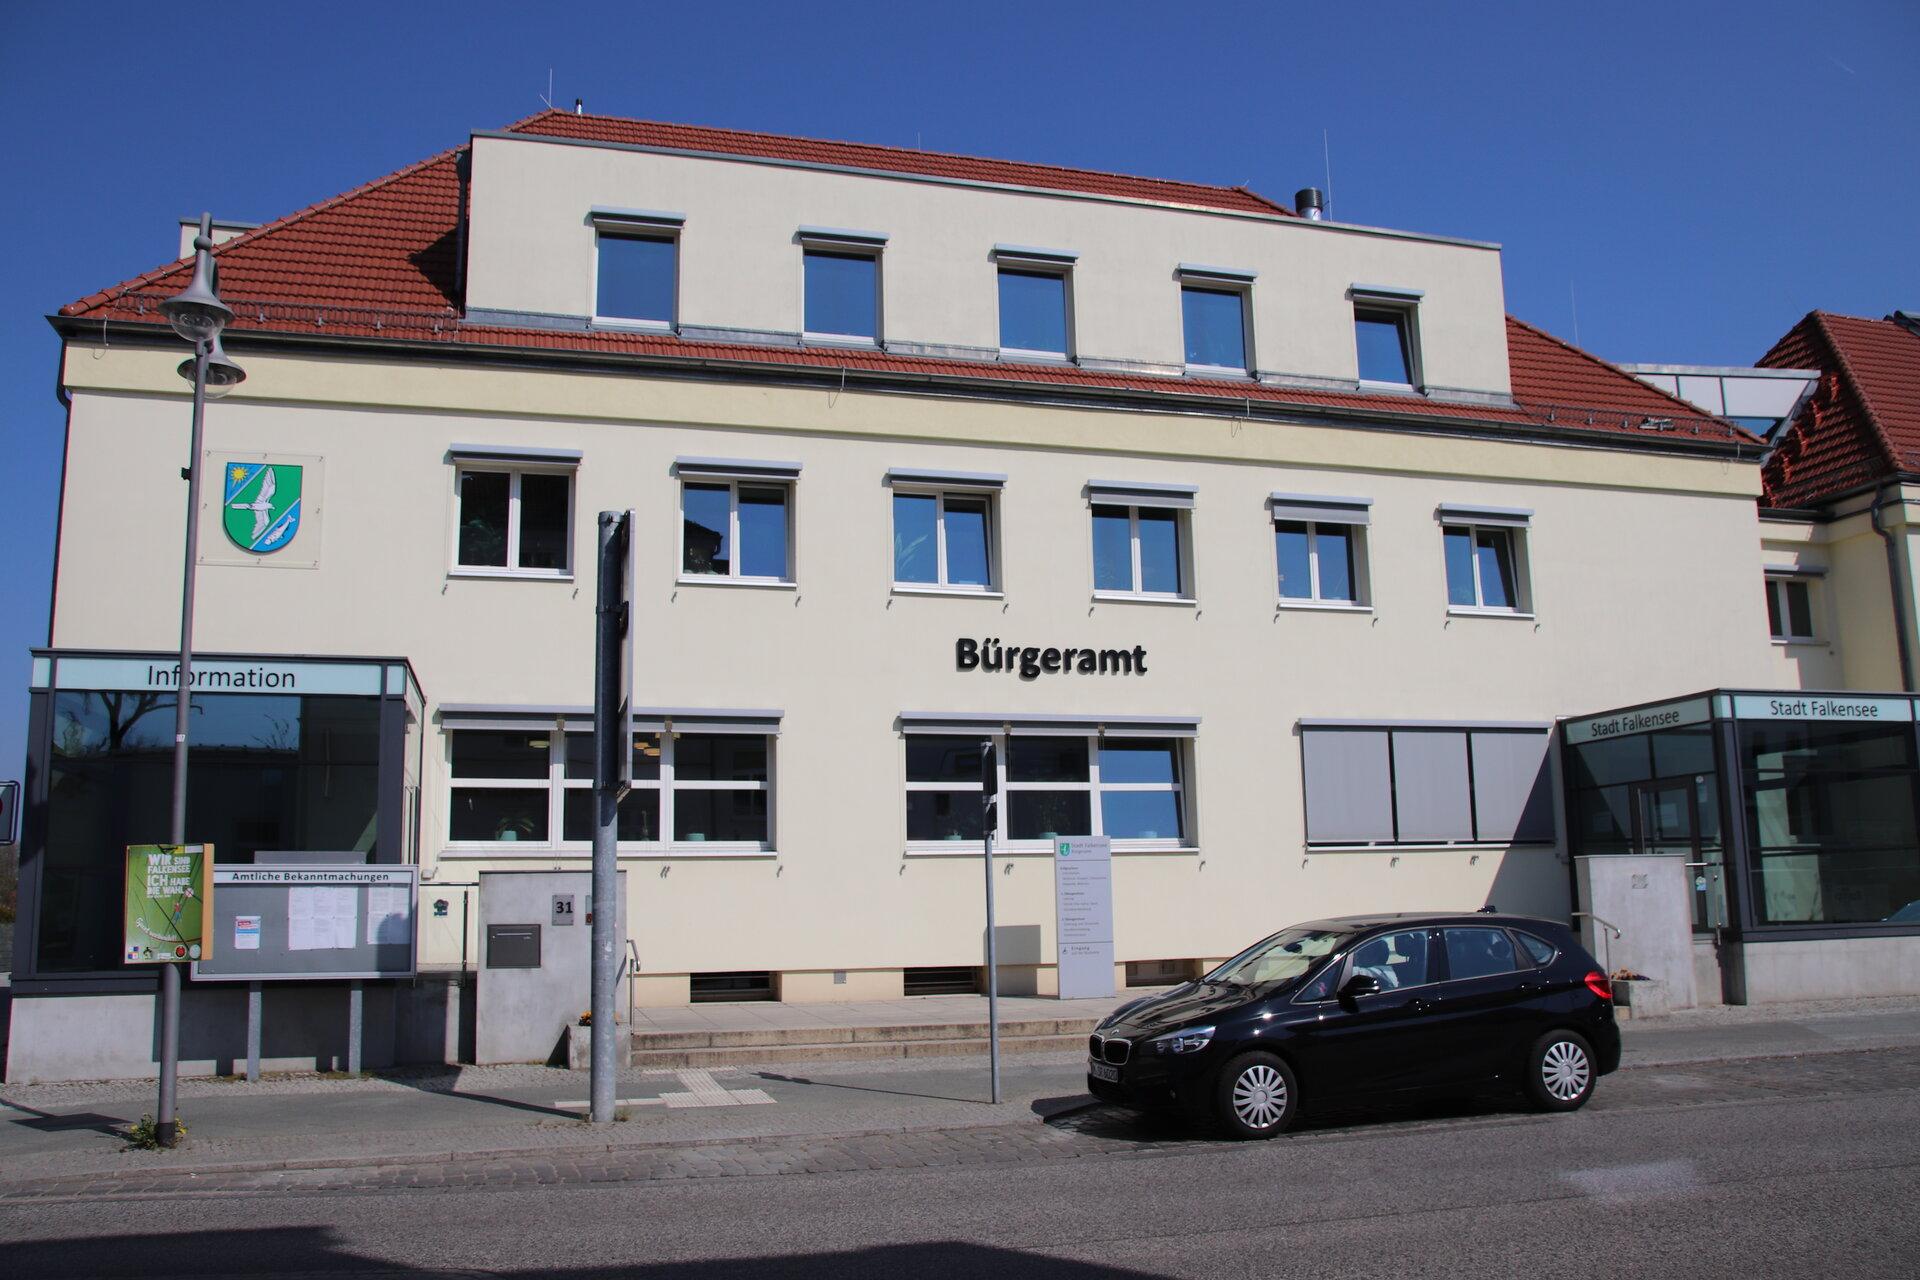 Das Bild zeigt das Falkenseer Bürgeramt in der Poststraße.